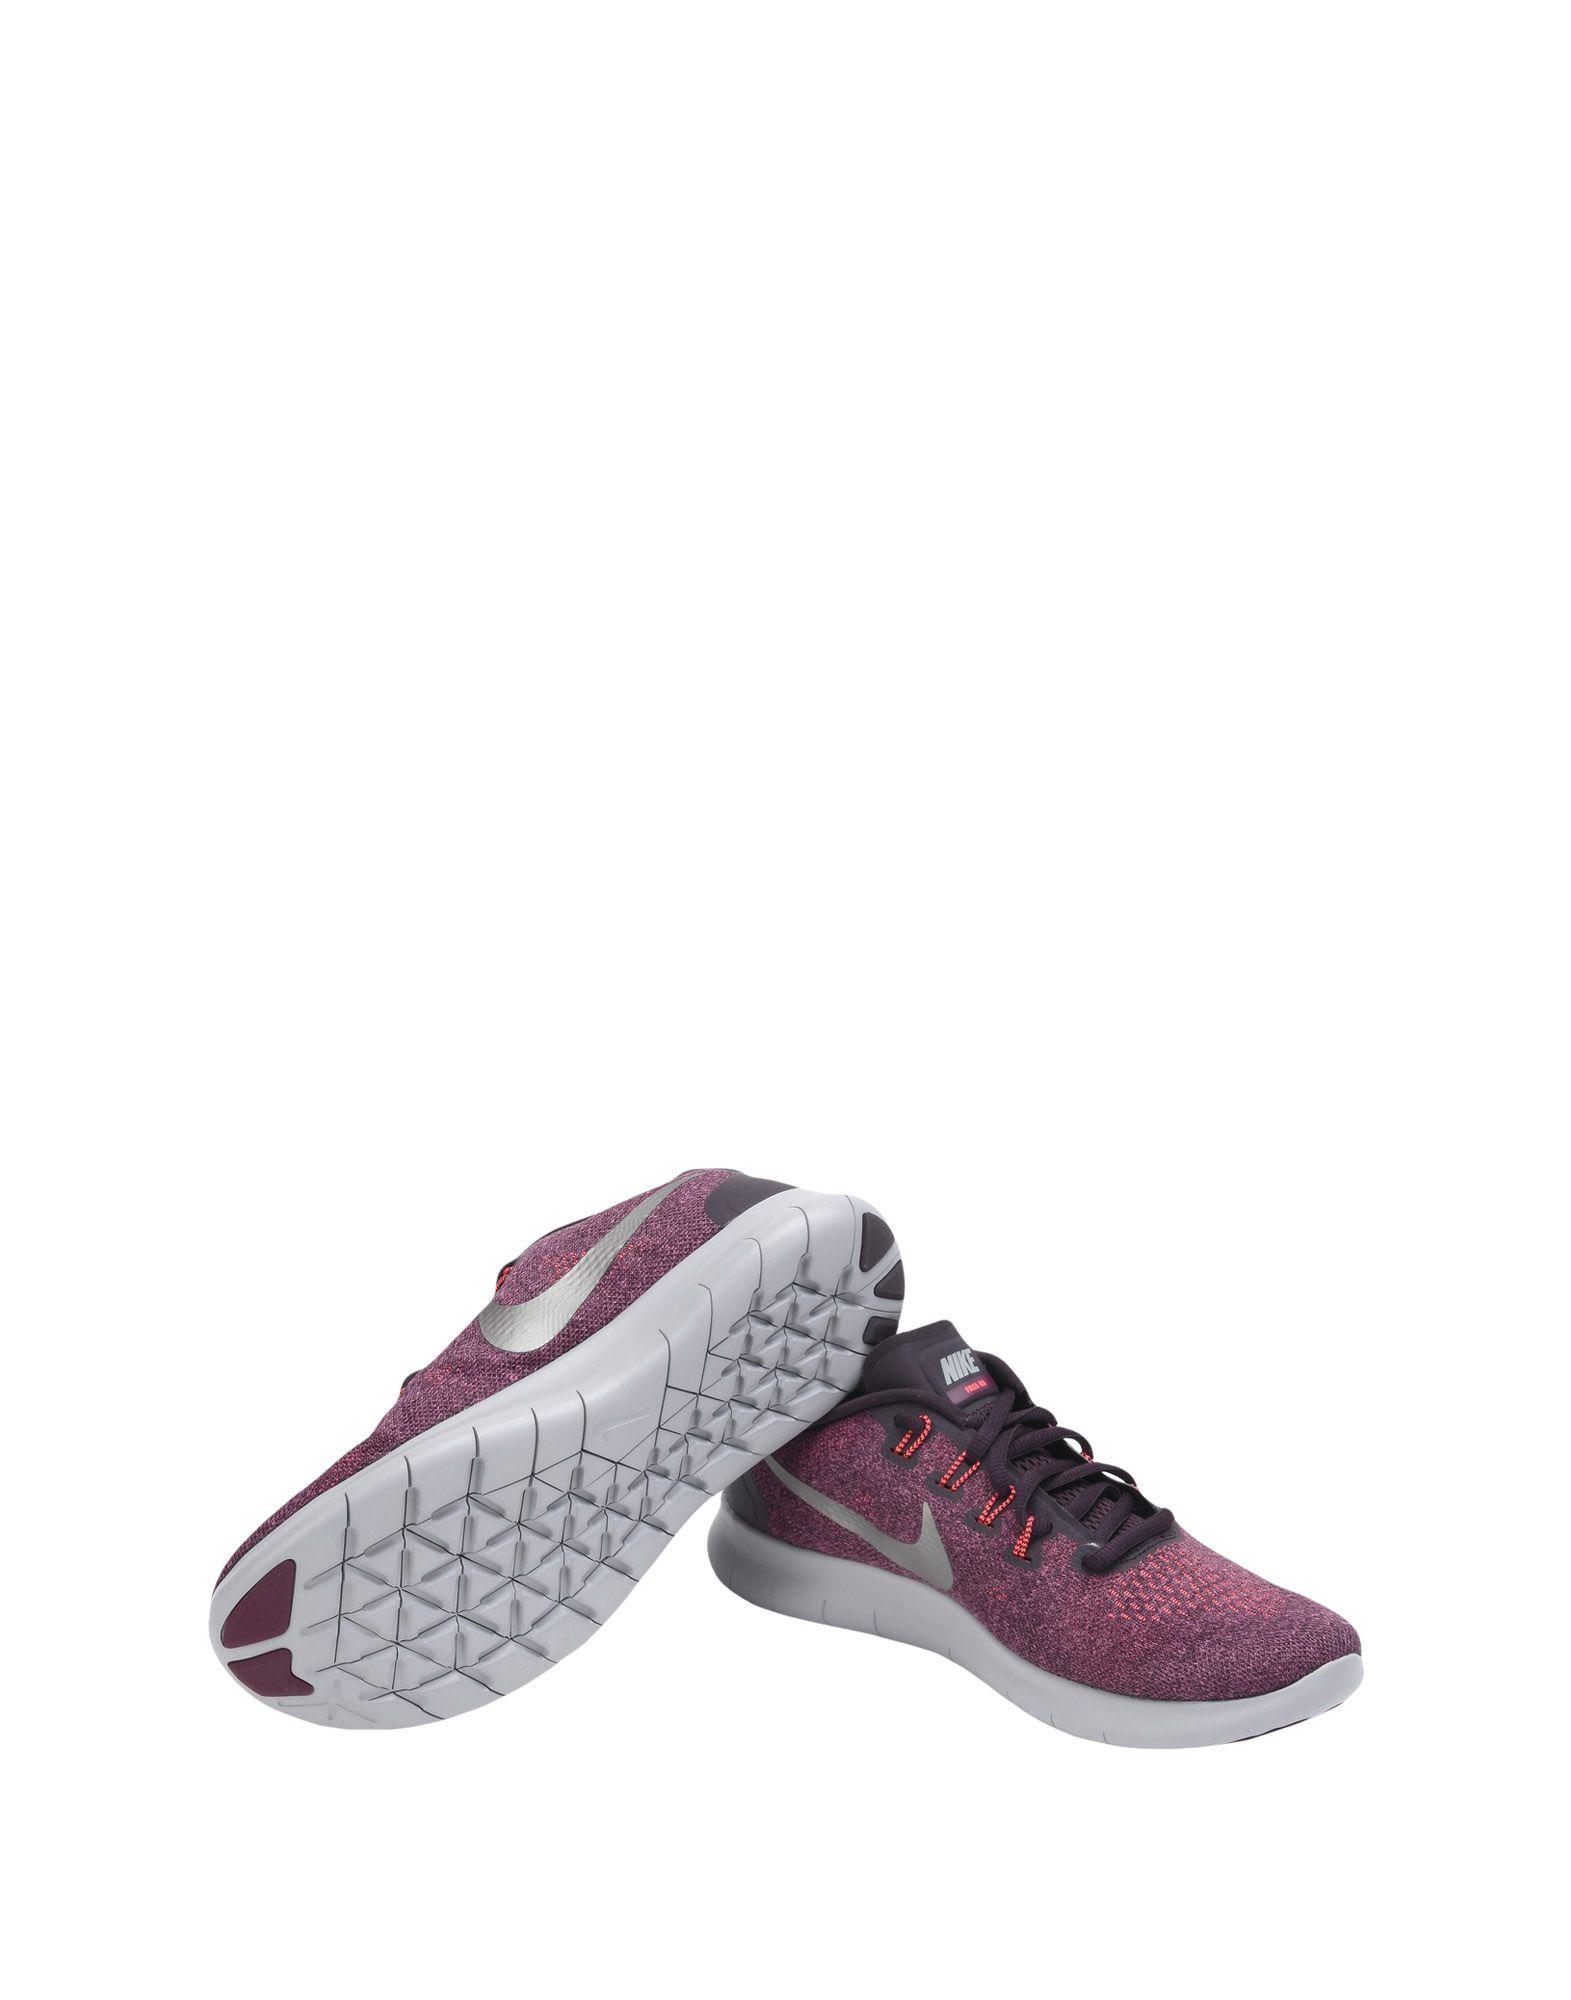 Sneakers Nike   Free Run 2017 - Femme - Sneakers Nike sur